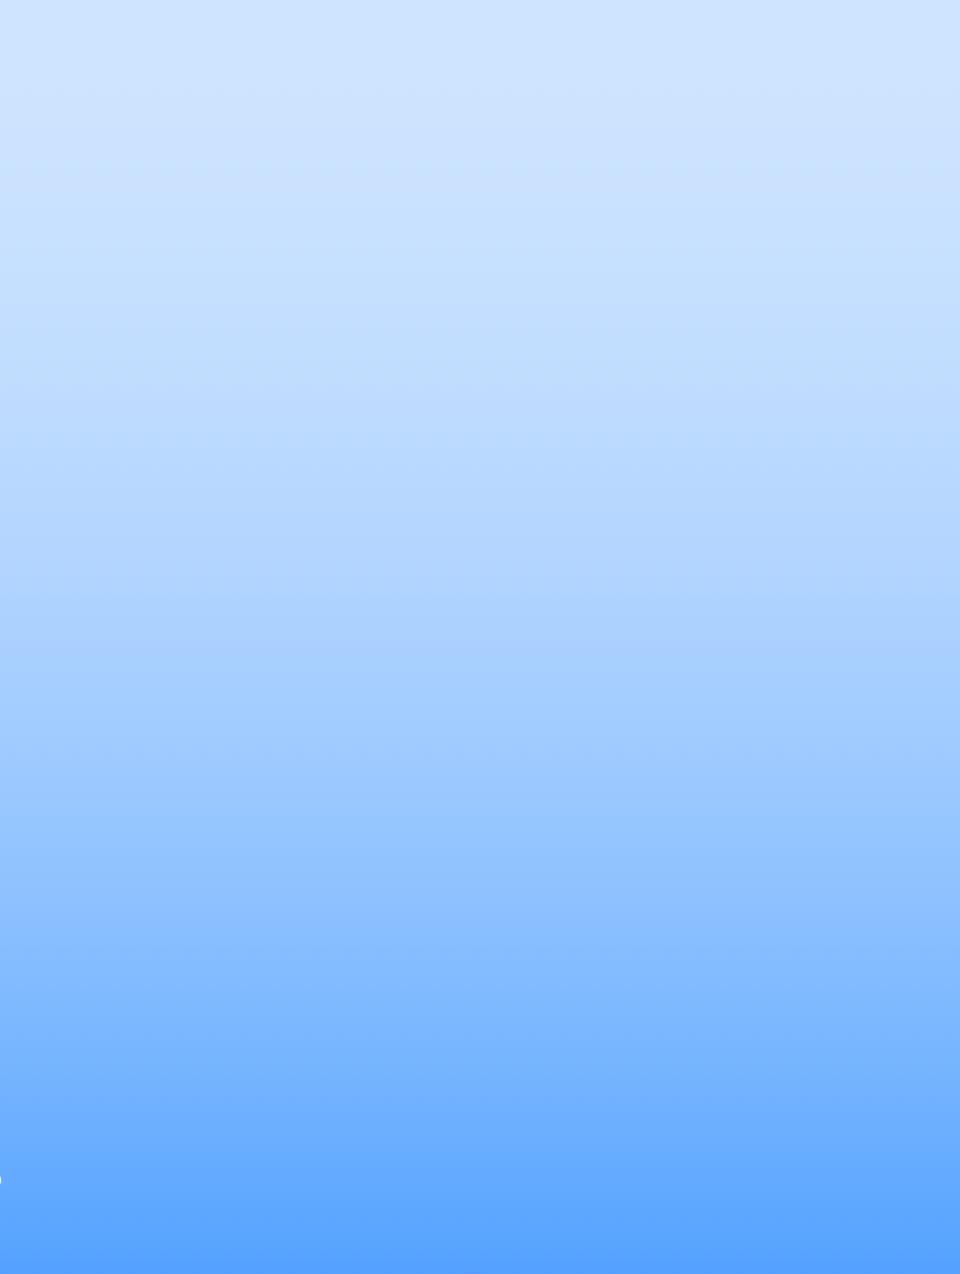 Screen Shot 2020-05-21 at 8.26.26 PM.png